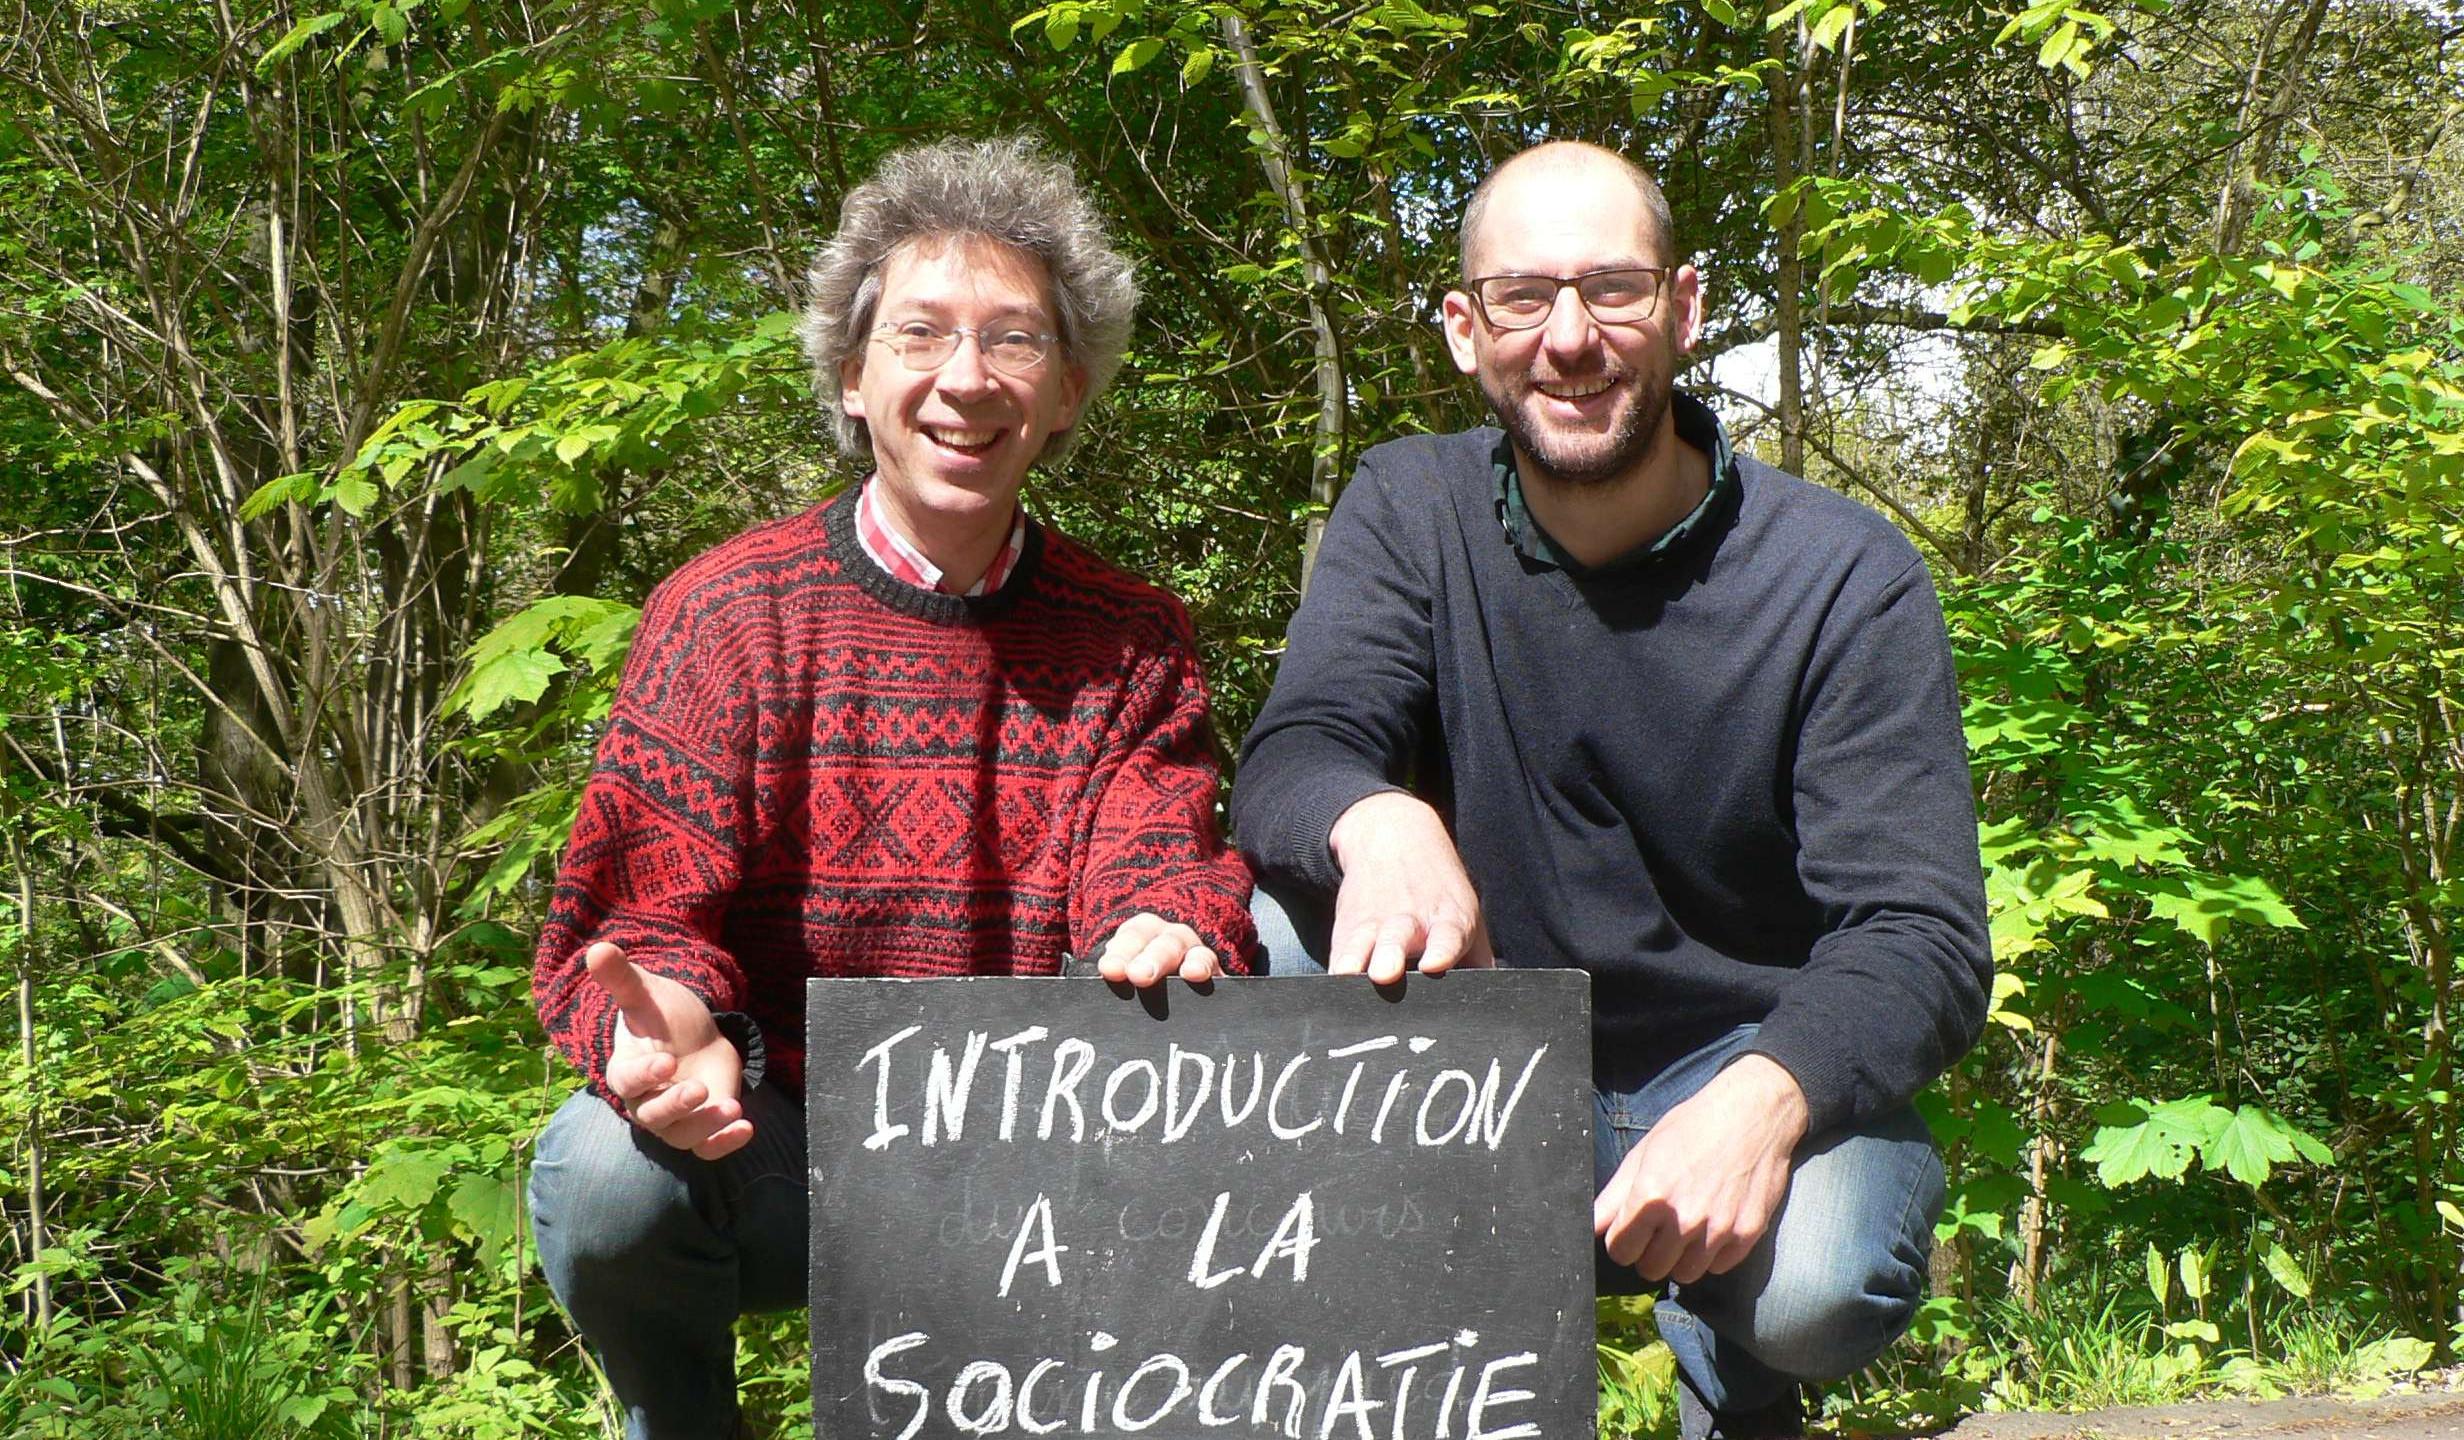 Créer et animer les conditions d'une gouvernance partagée avec la sociocratie - Martin Boutry & Patrice Chartrain